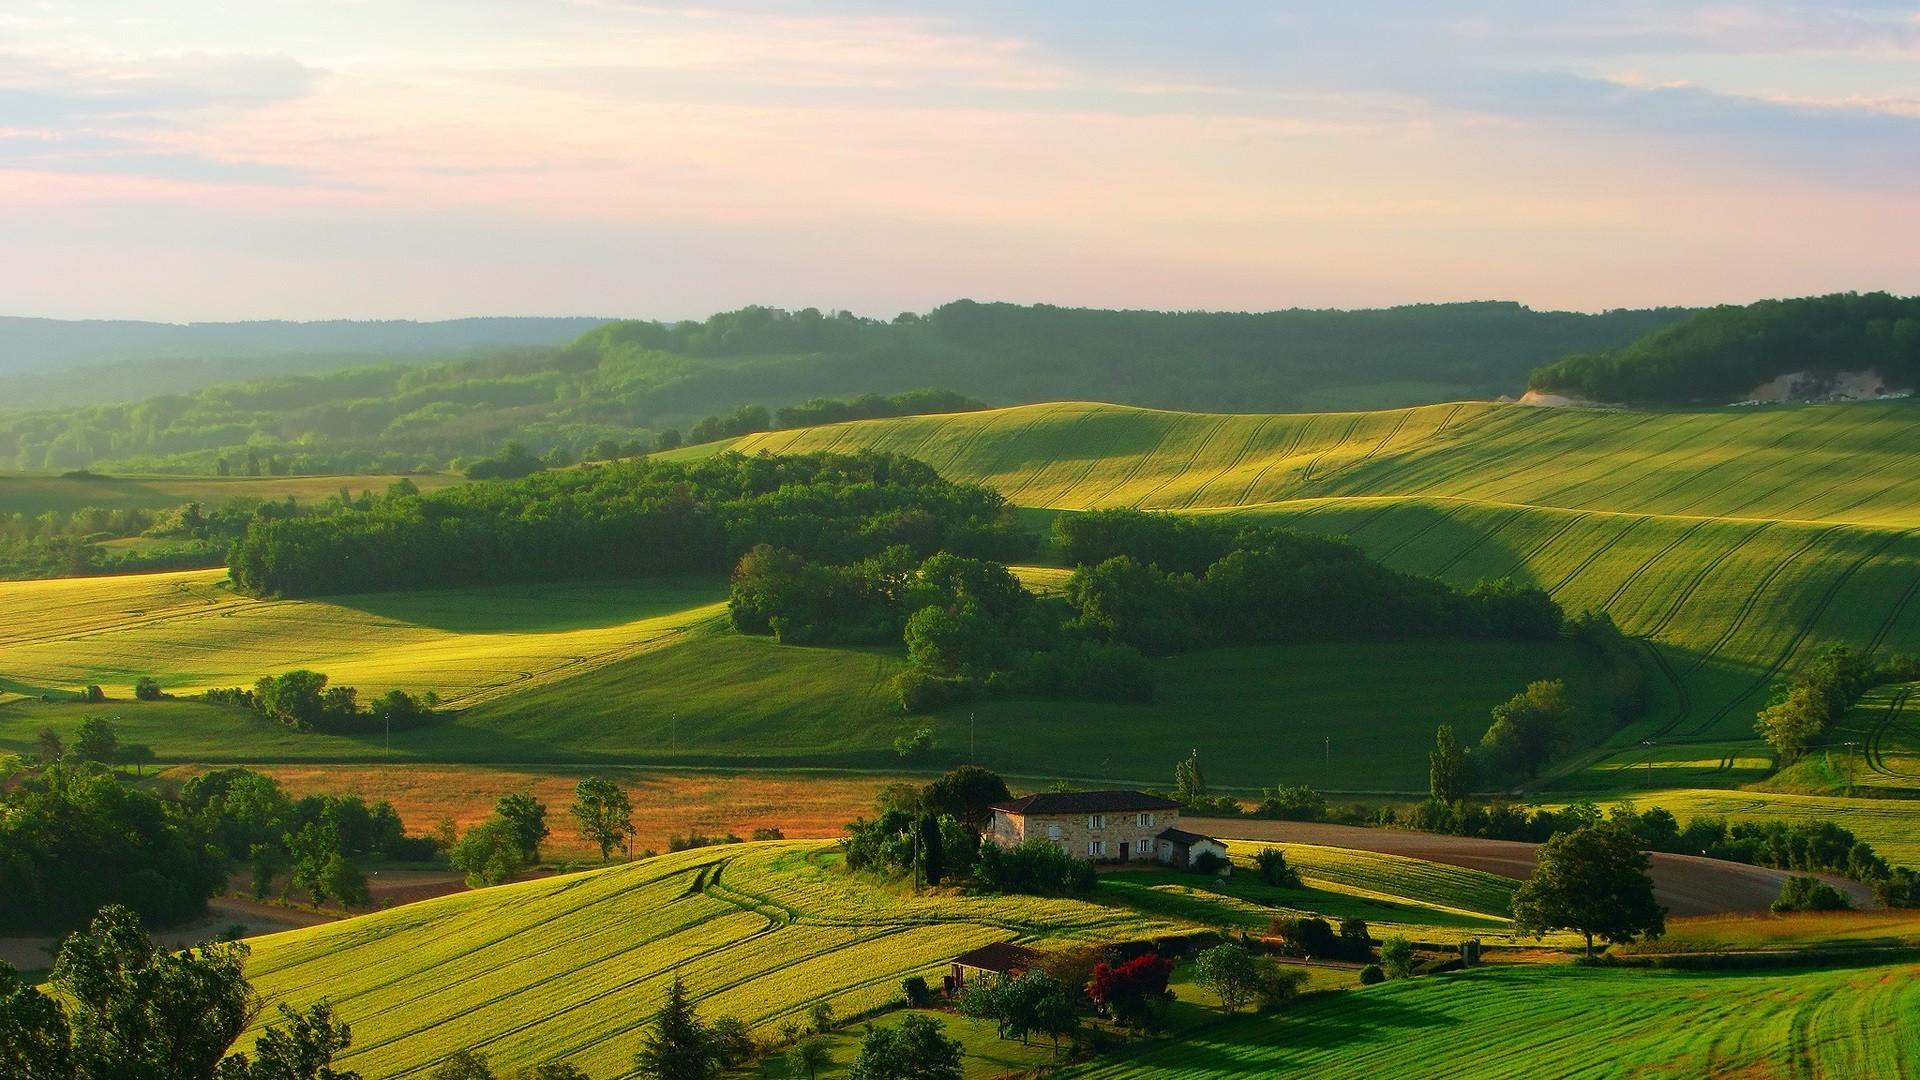 нужно поля и долины картинки двое уроженцев